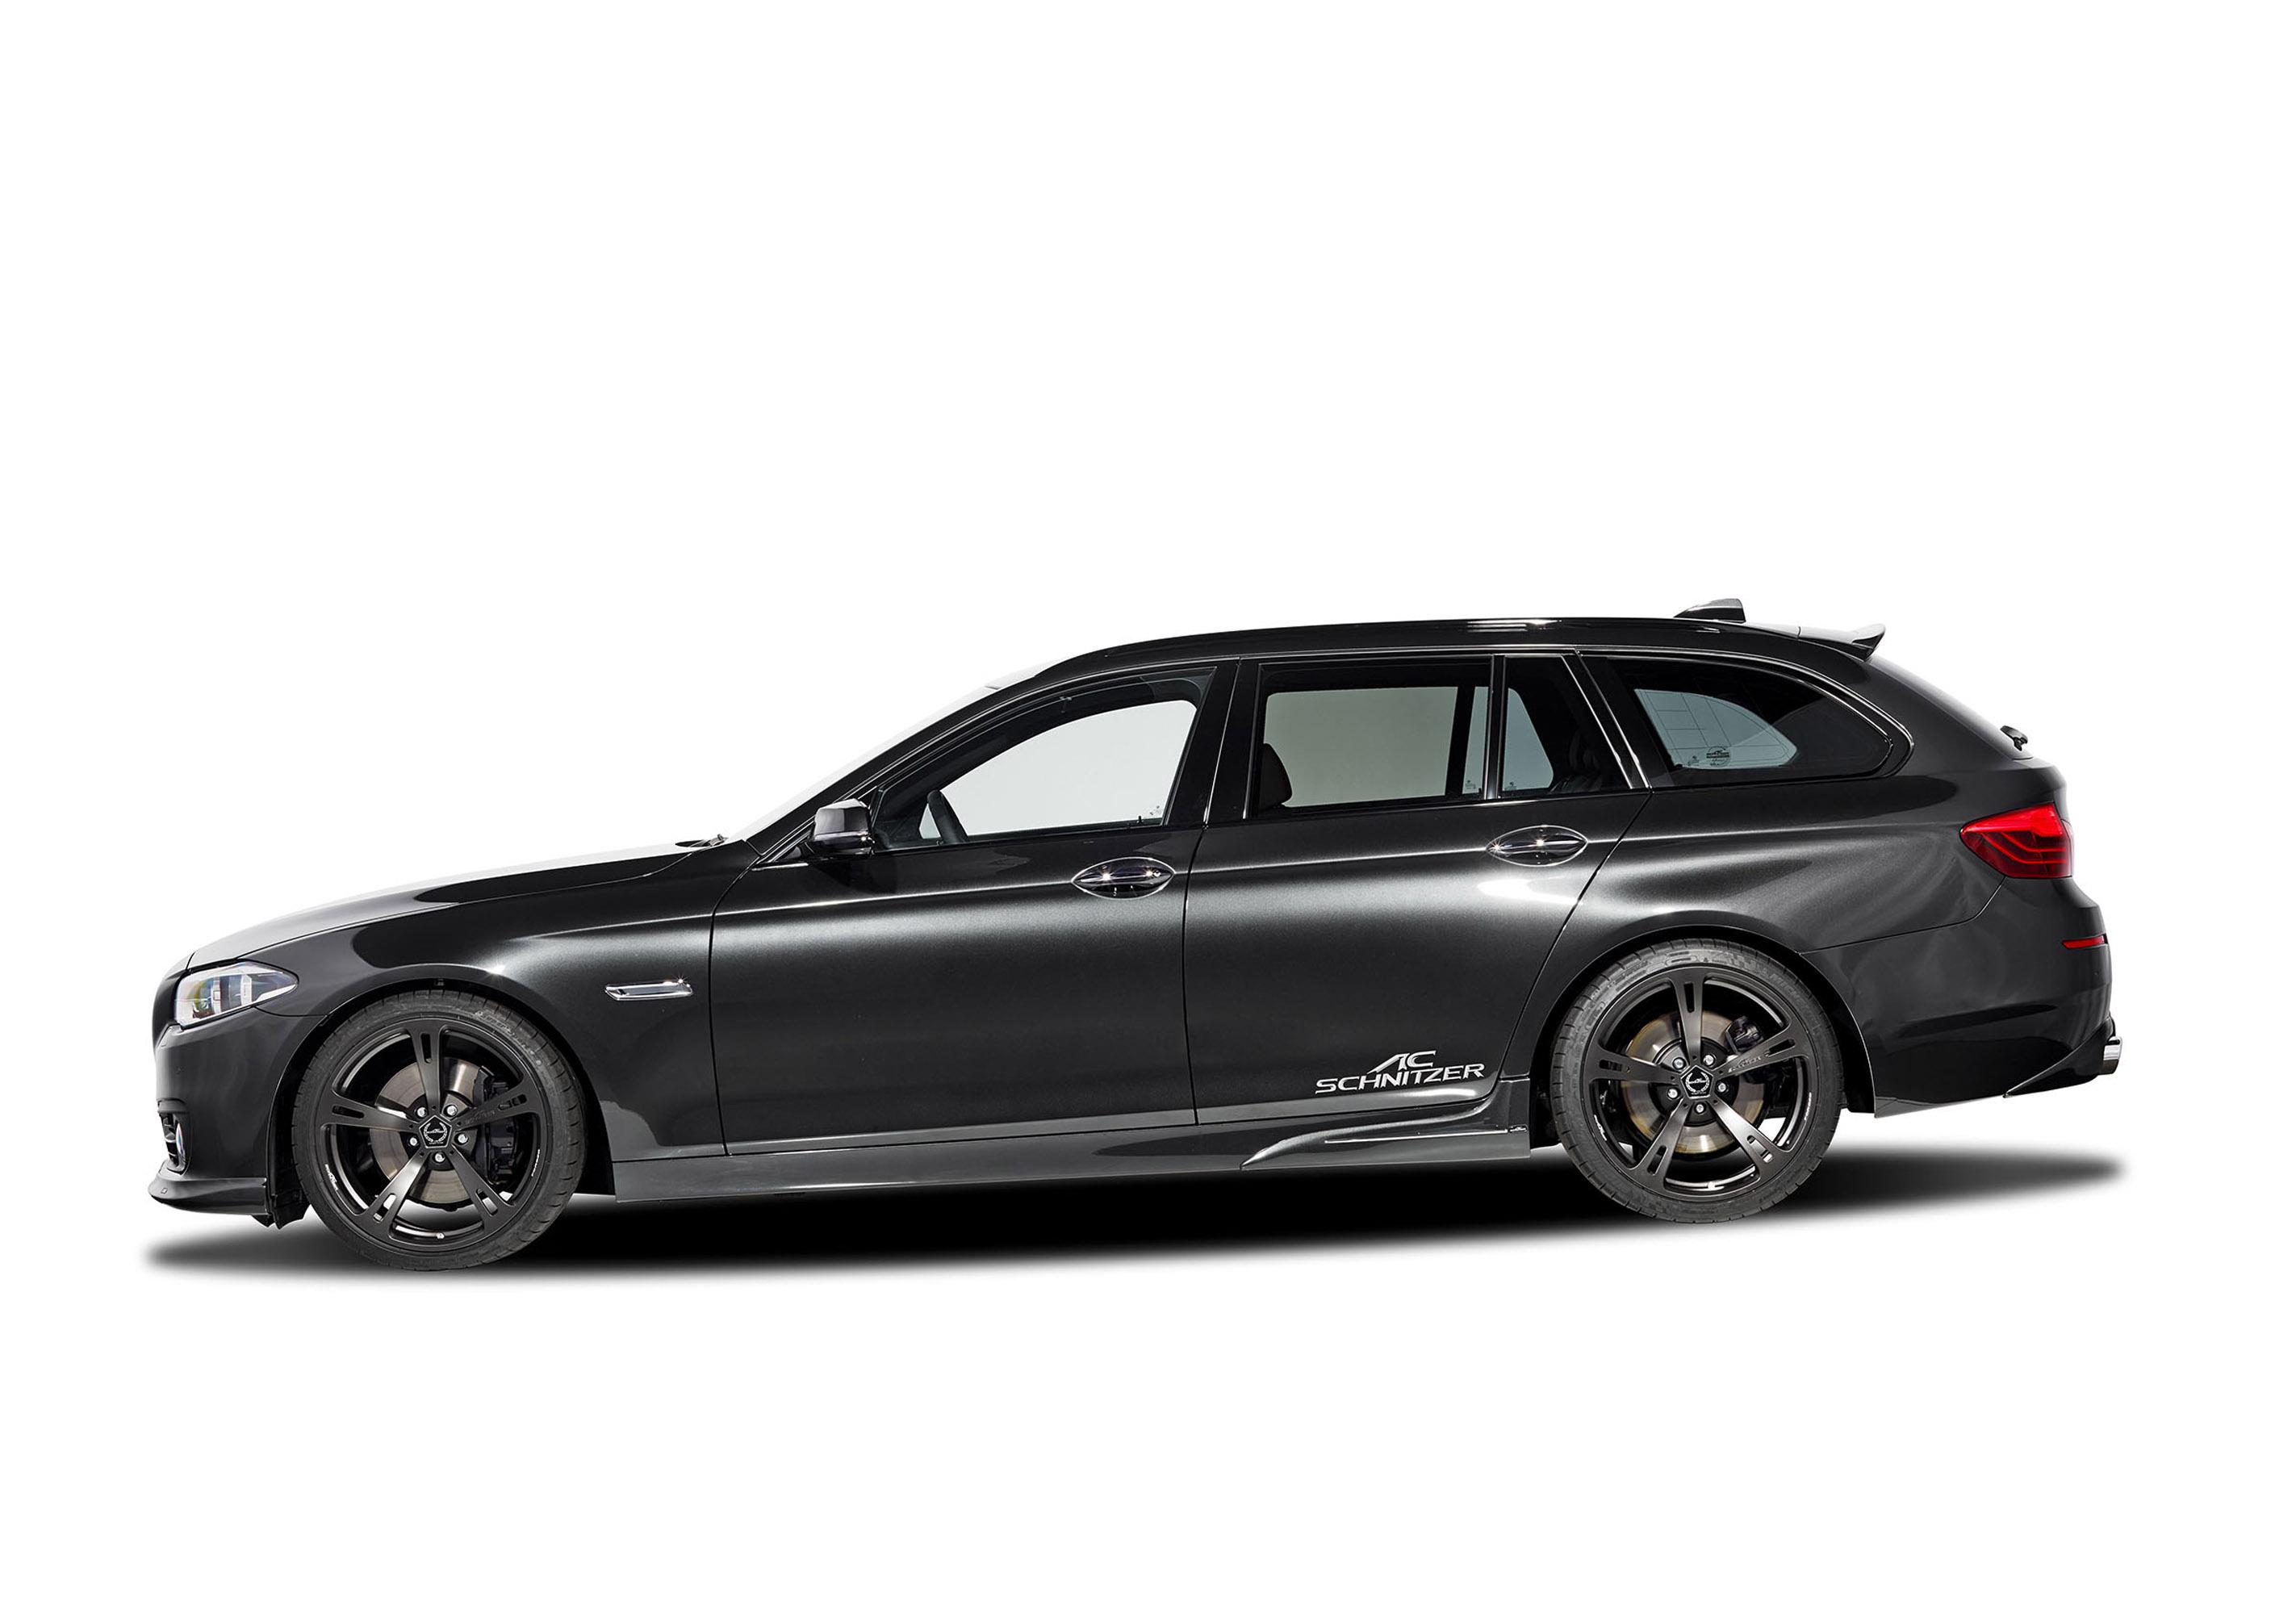 АС Шнитцер BMW 5 серии туринг ЛКИ Эссене дебютирует на мотор-шоу  - фотография №9